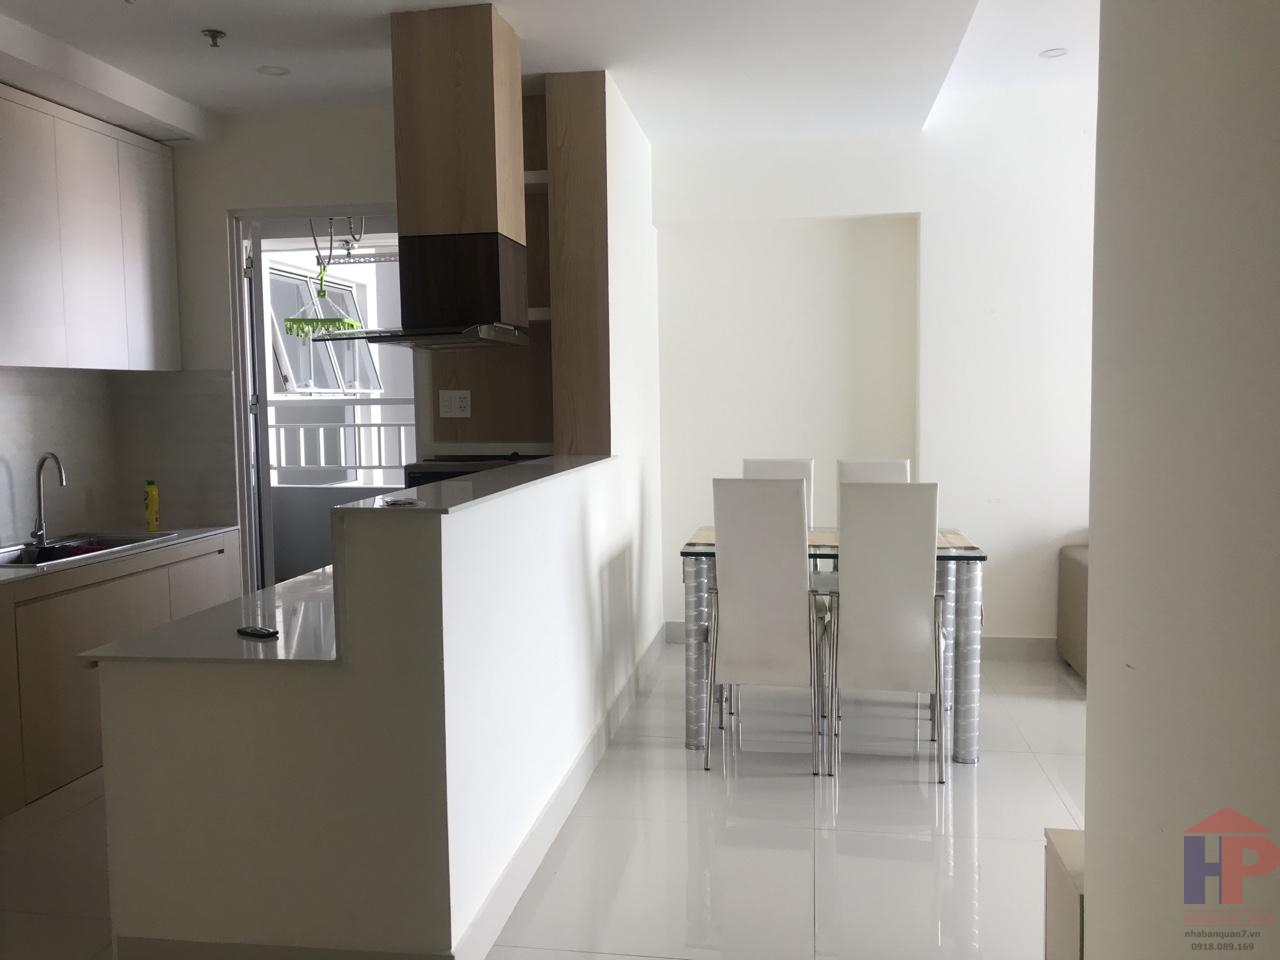 Cho thuê căn hộ Sunrise City North, Nguyễn Hữu Thọ, Phường Tân Hưng DT 76m2 Giá 15 triệu/tháng LH 0909477288